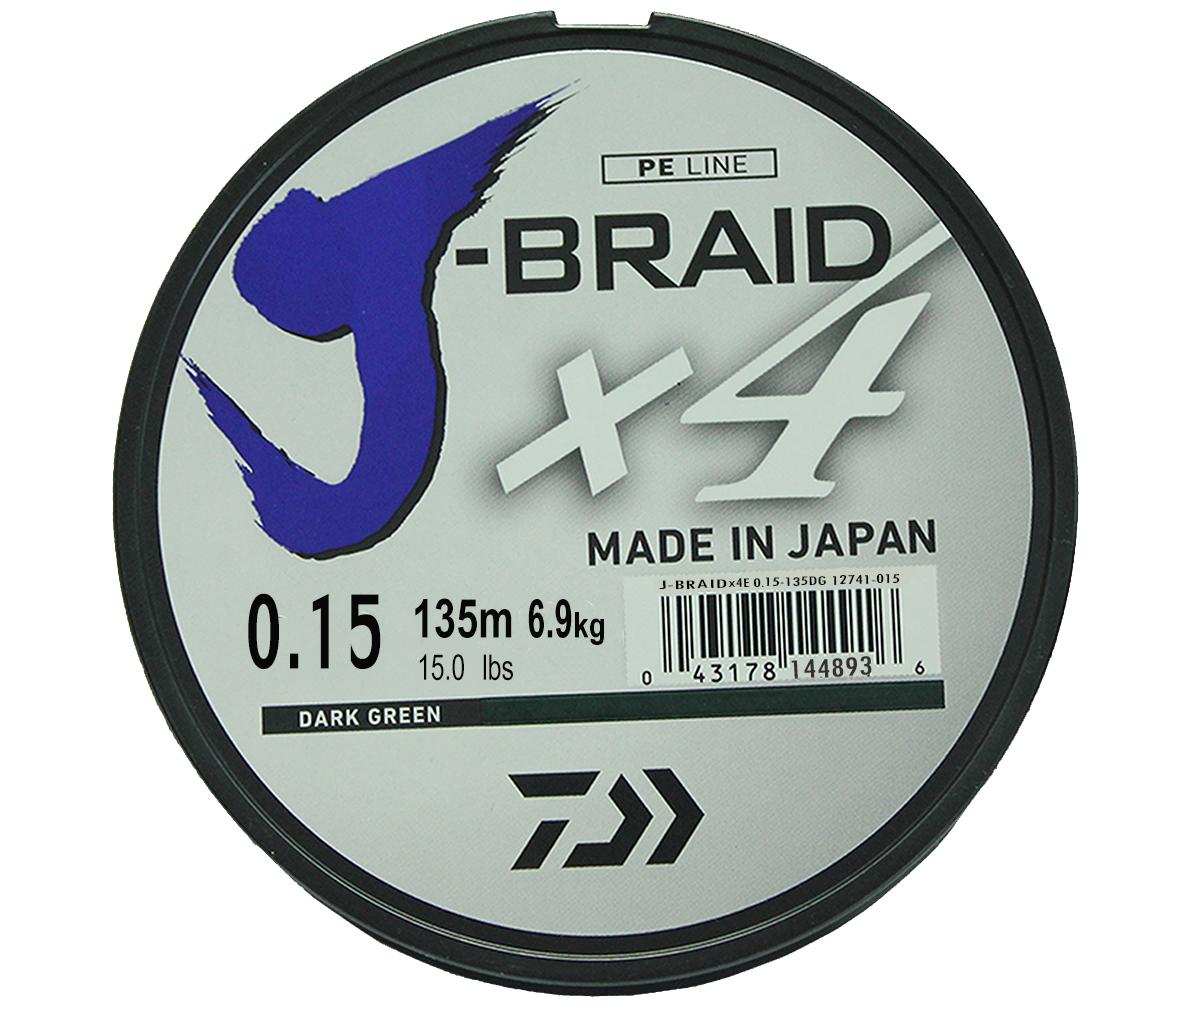 Шнур плетеный Daiwa J-Braid X4, цвет: зеленый, 135 м, 0,15 мм61161Новый 4х жильный шнур J-Braid, DAIWA - шнур высокого класса с удивительным соотношением цены и качества. Качество плетения полностью соответствует японским стандартам и удовлетворяет всем требованиям. Представленные диаметры позволяют использовать шнур для всех техник ловли, начиная от ultra- light ловли окуня, до морской ловли палтуса, трески и т.д